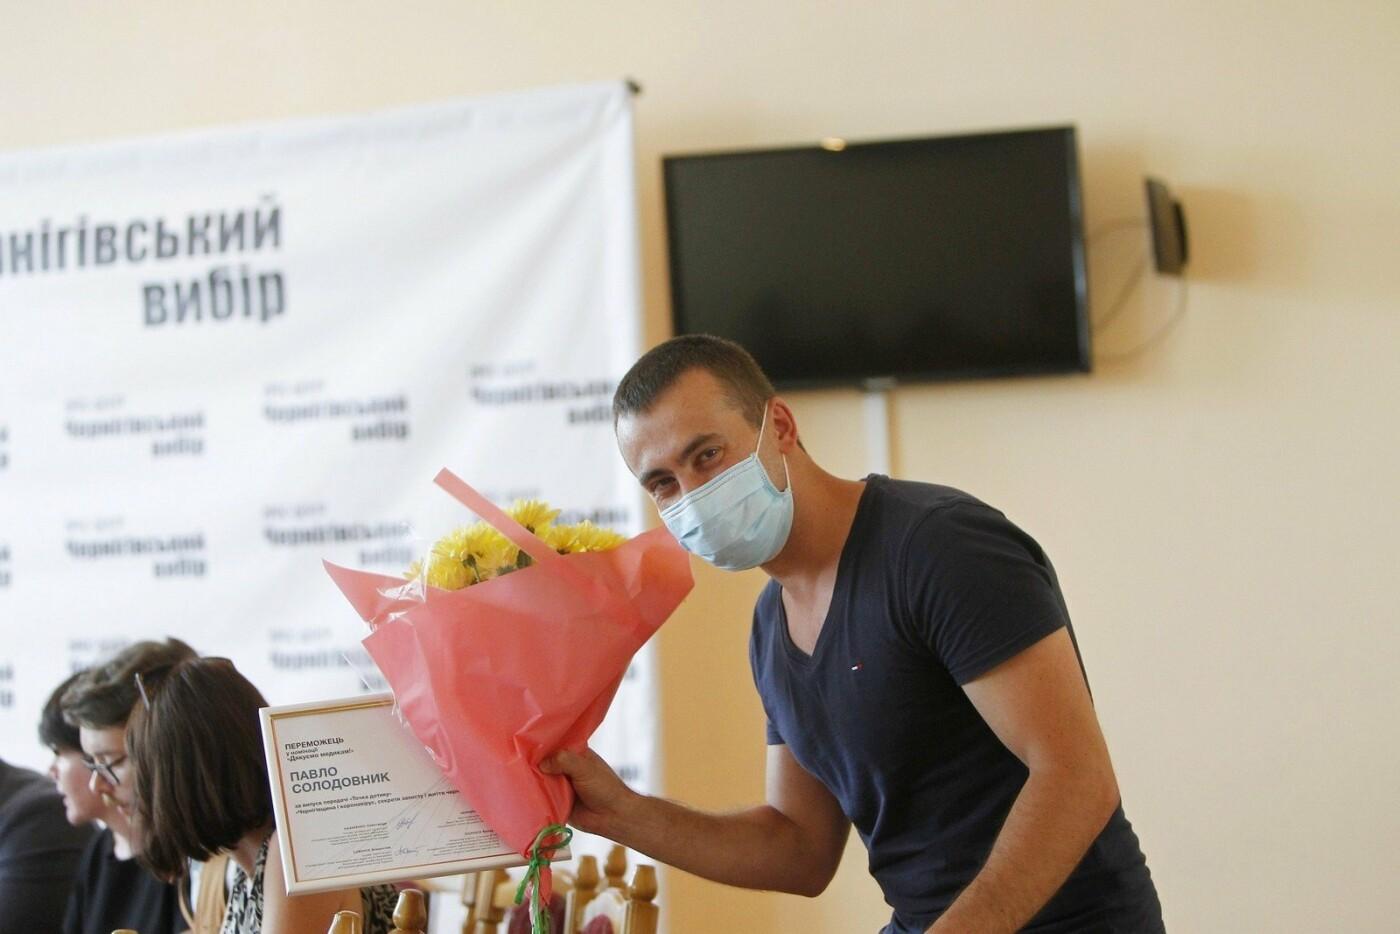 У Чернігові нагородили переможців журналістського конкурсу «МедіаЧе»-2020, фото-5